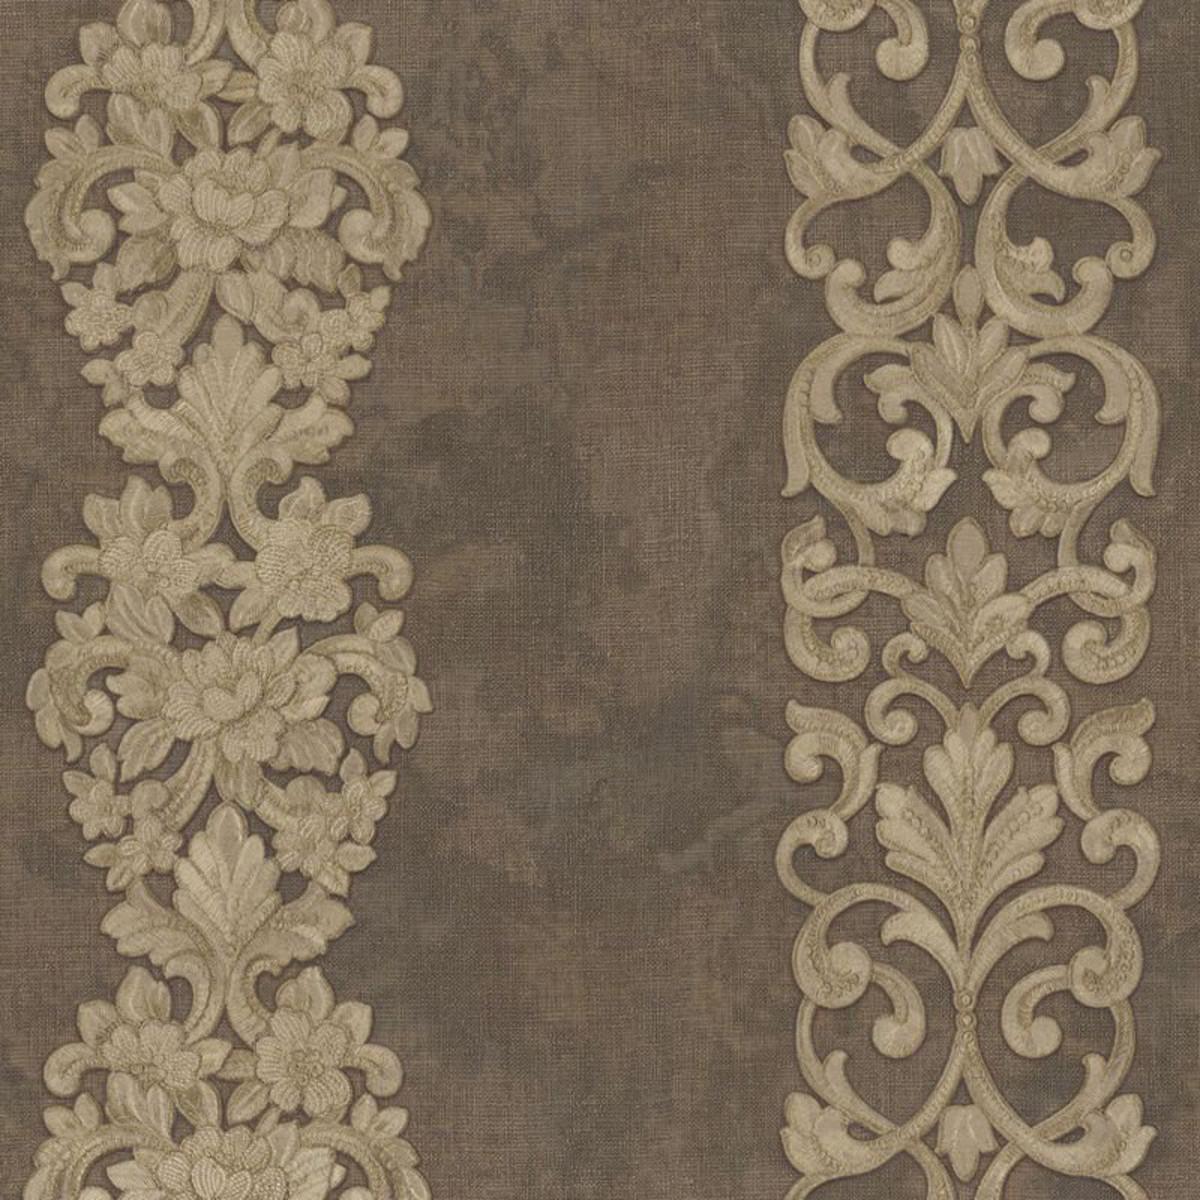 Обои флизелиновые Decori-Decori Alba коричневые 1.06 м 82259